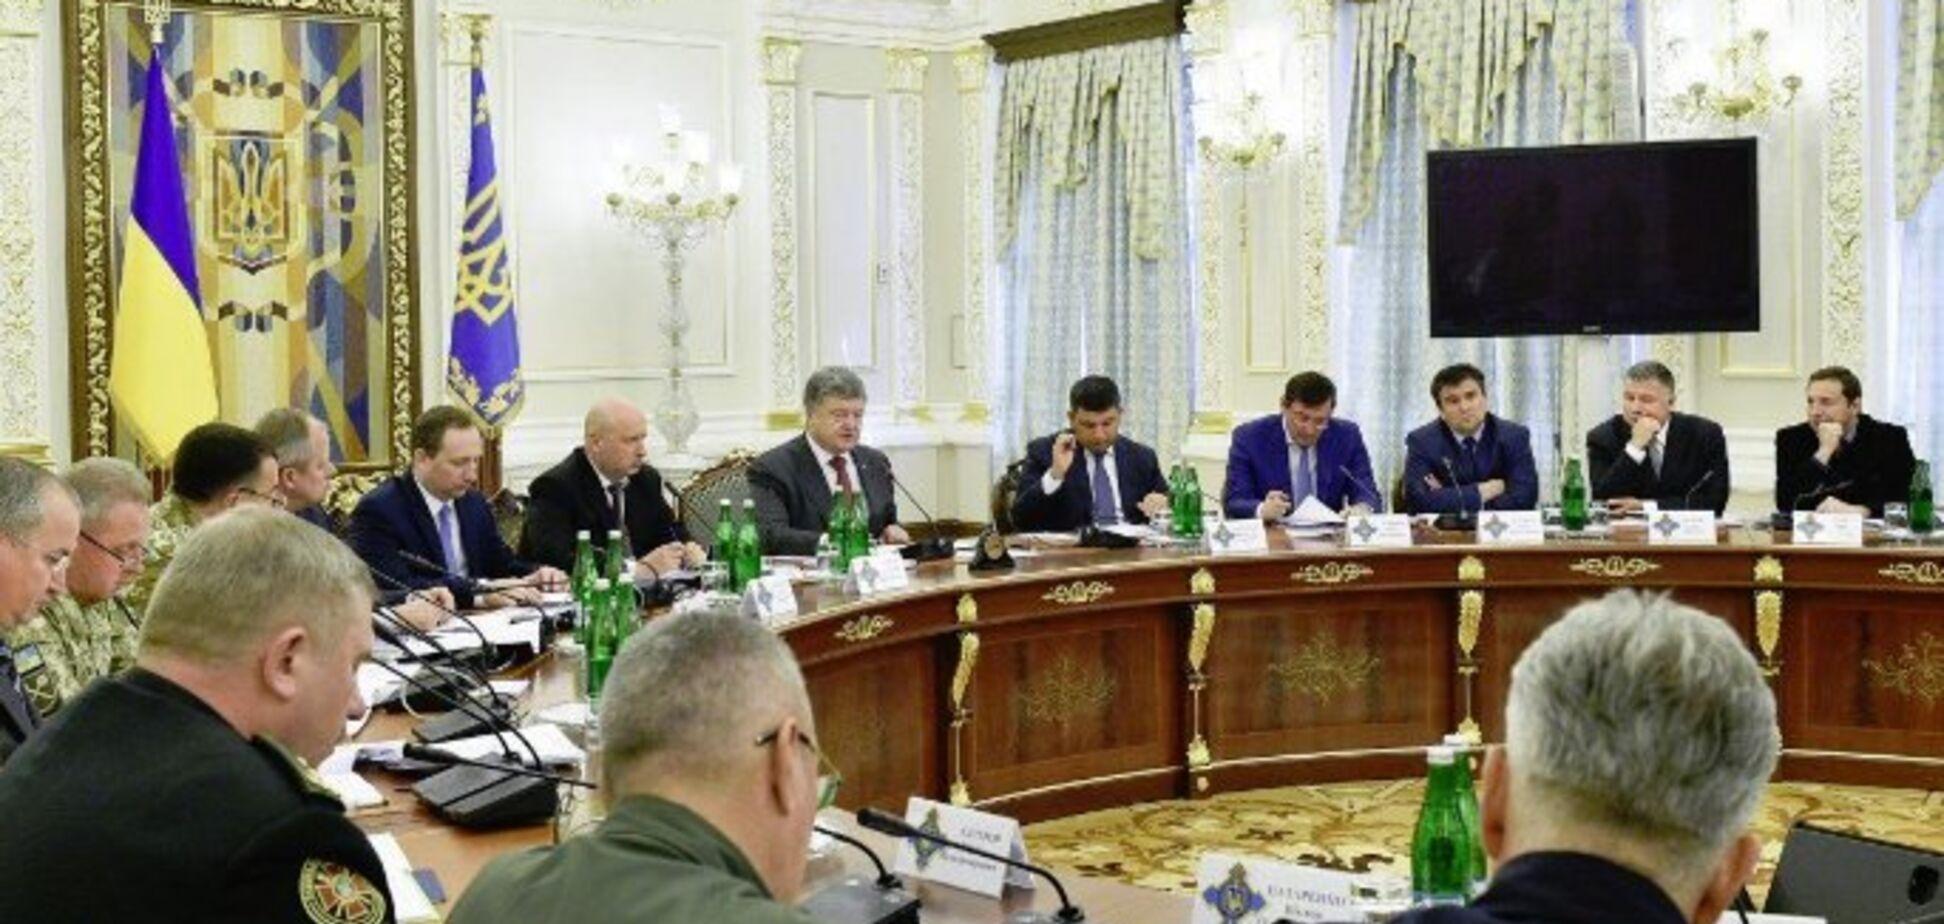 Порошенко поддержал введение военного положения в Украине: что это значит